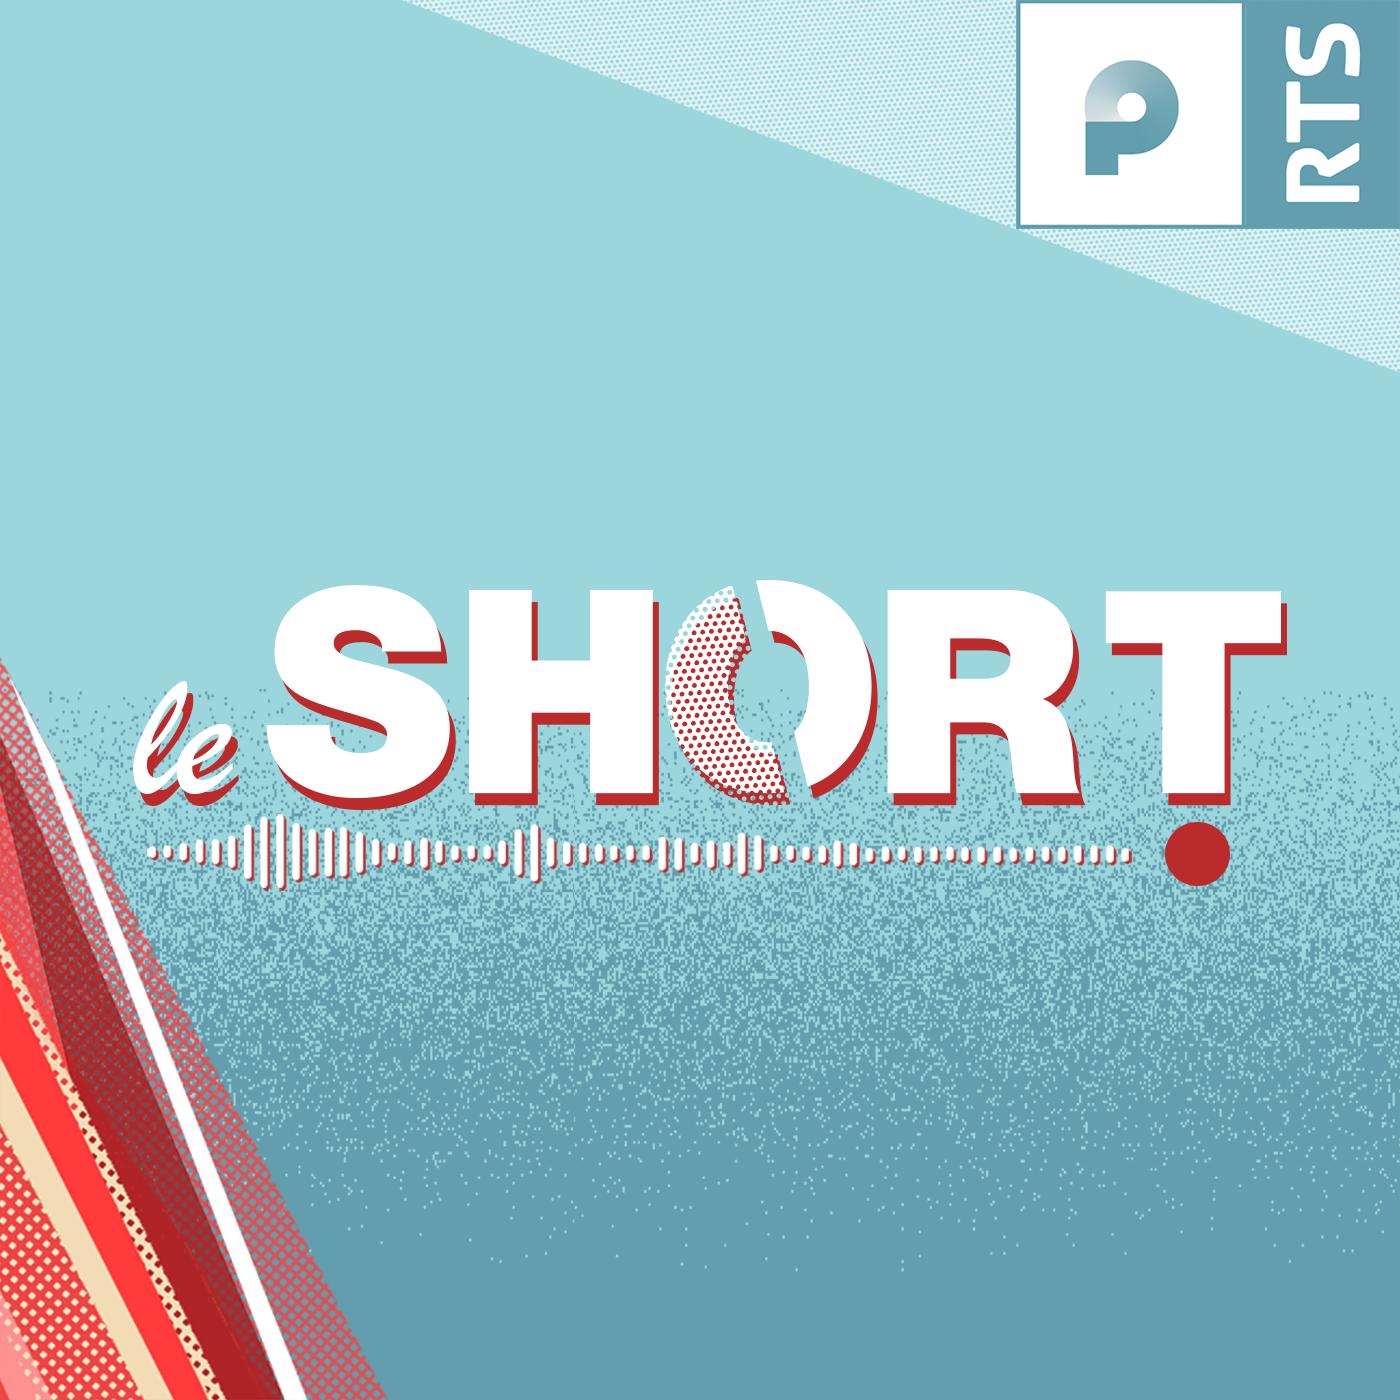 Le Short (logo podcast) [RTS]